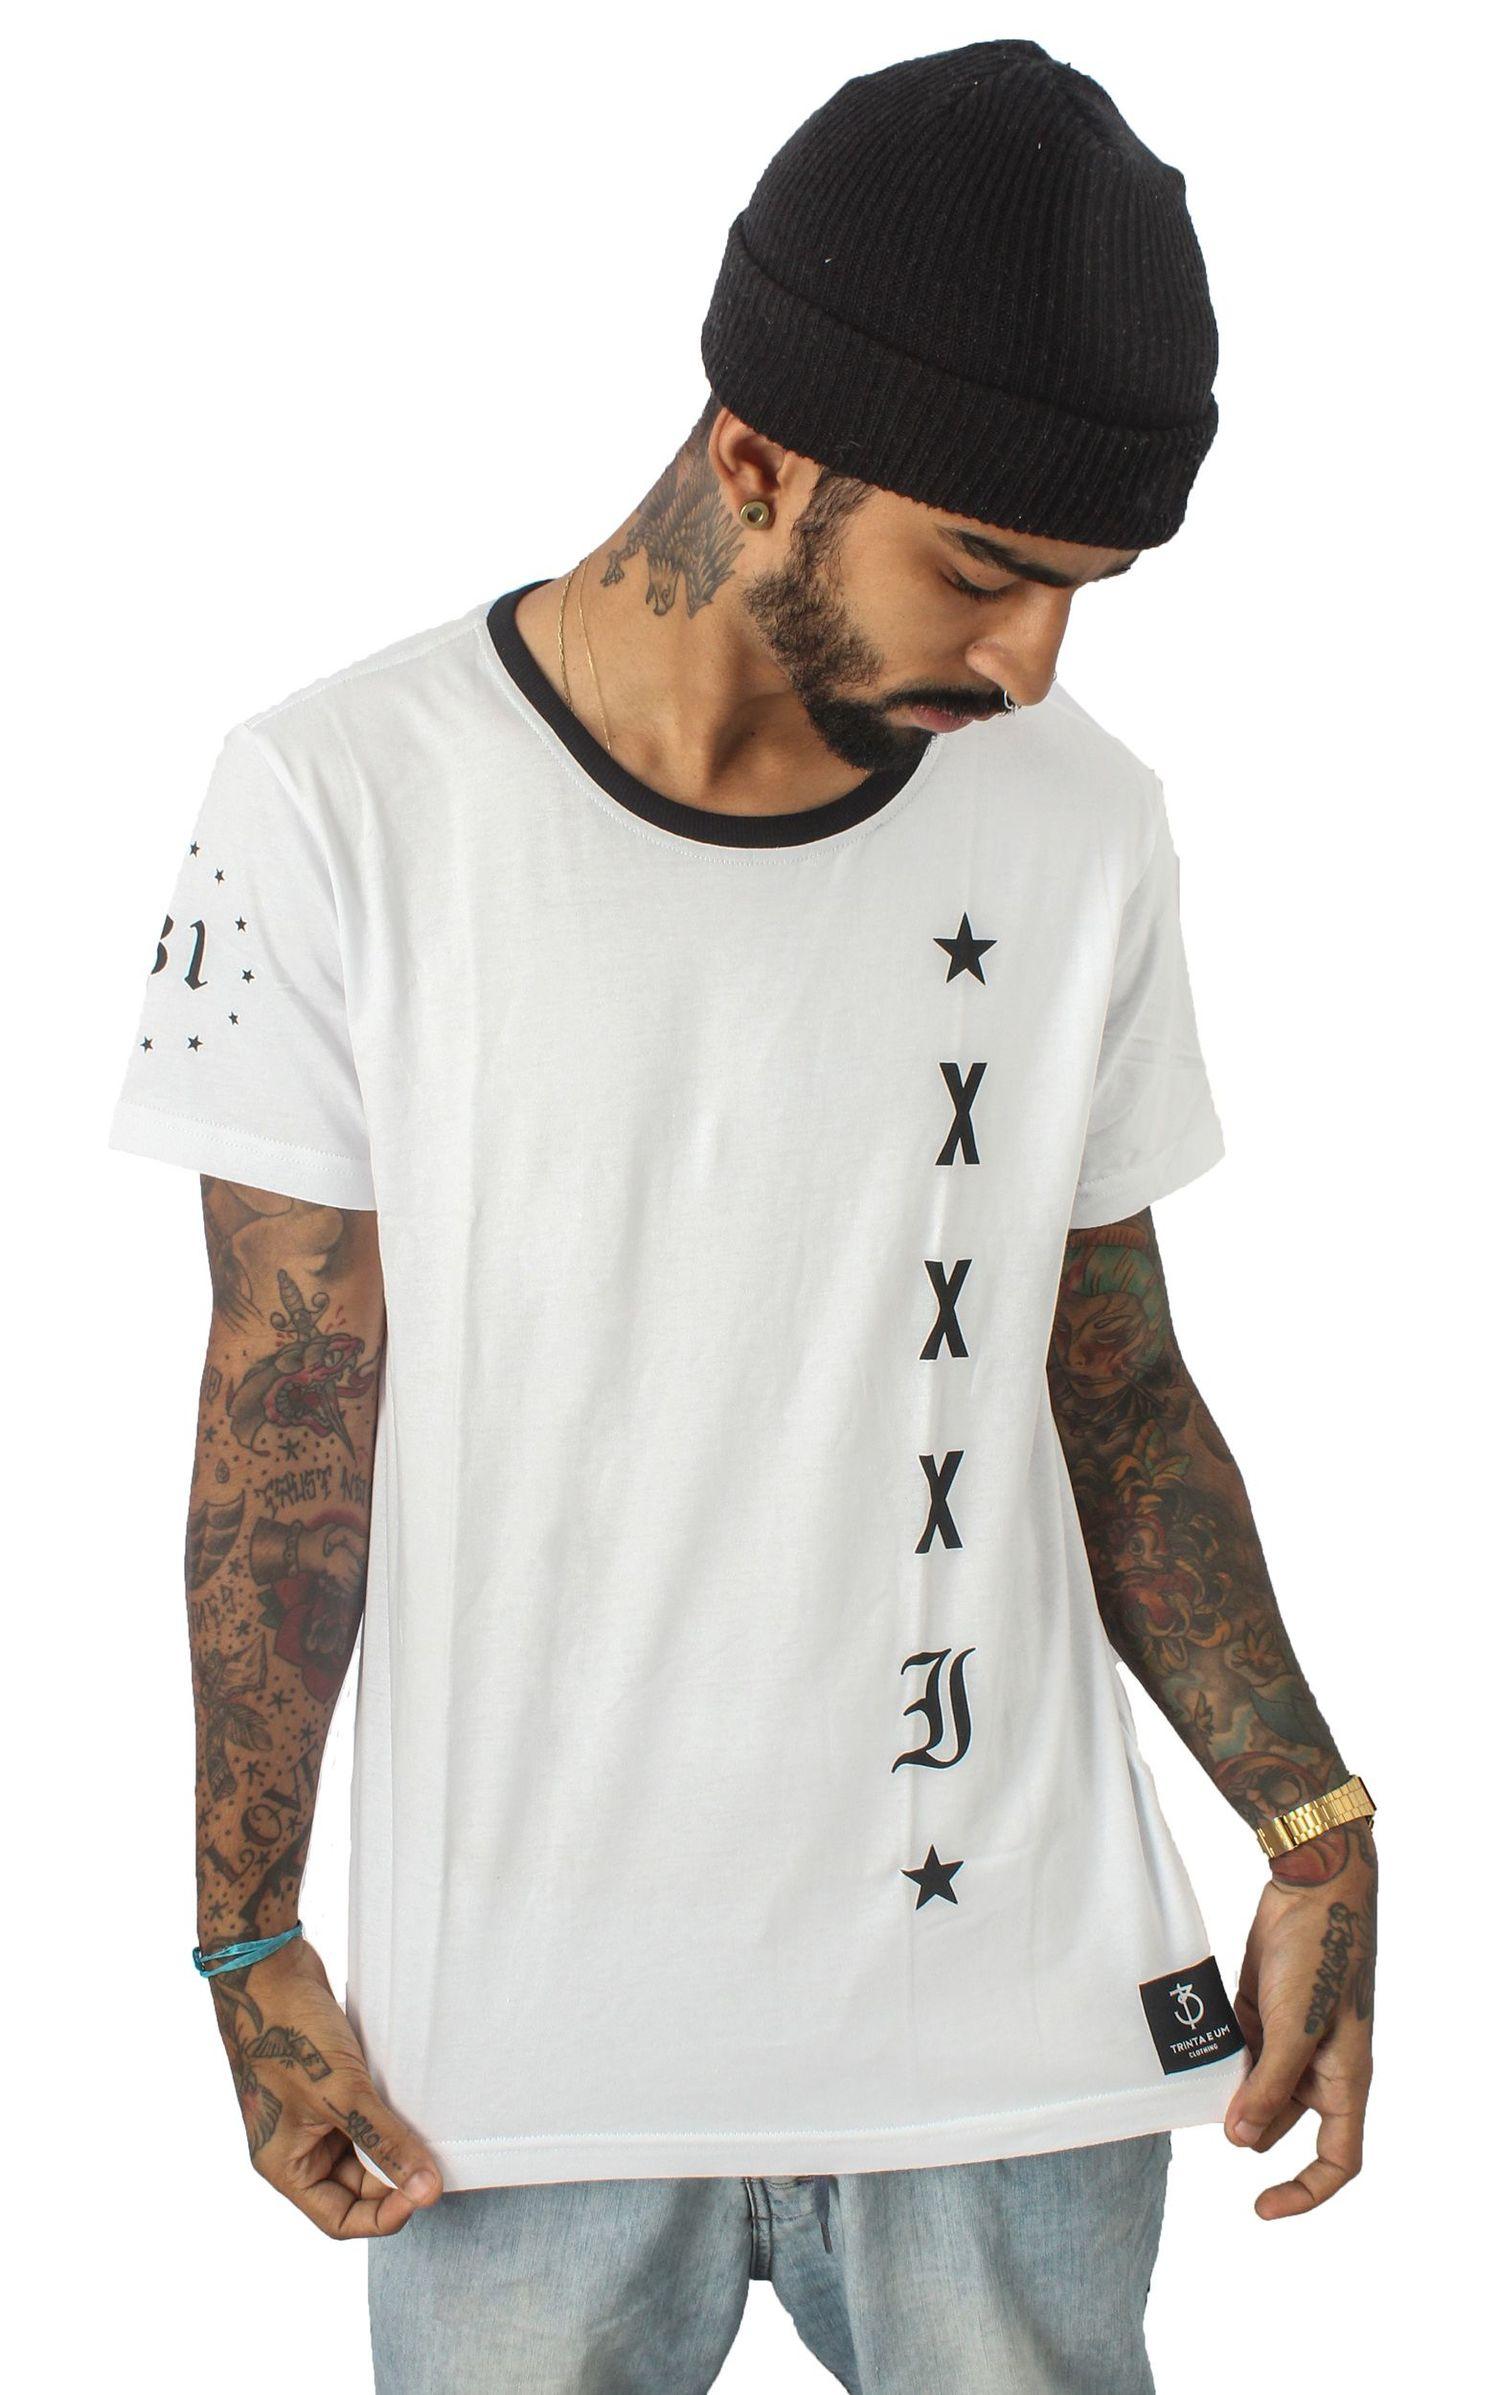 Camiseta XXXI GOTHIC - 31 CLOTHING